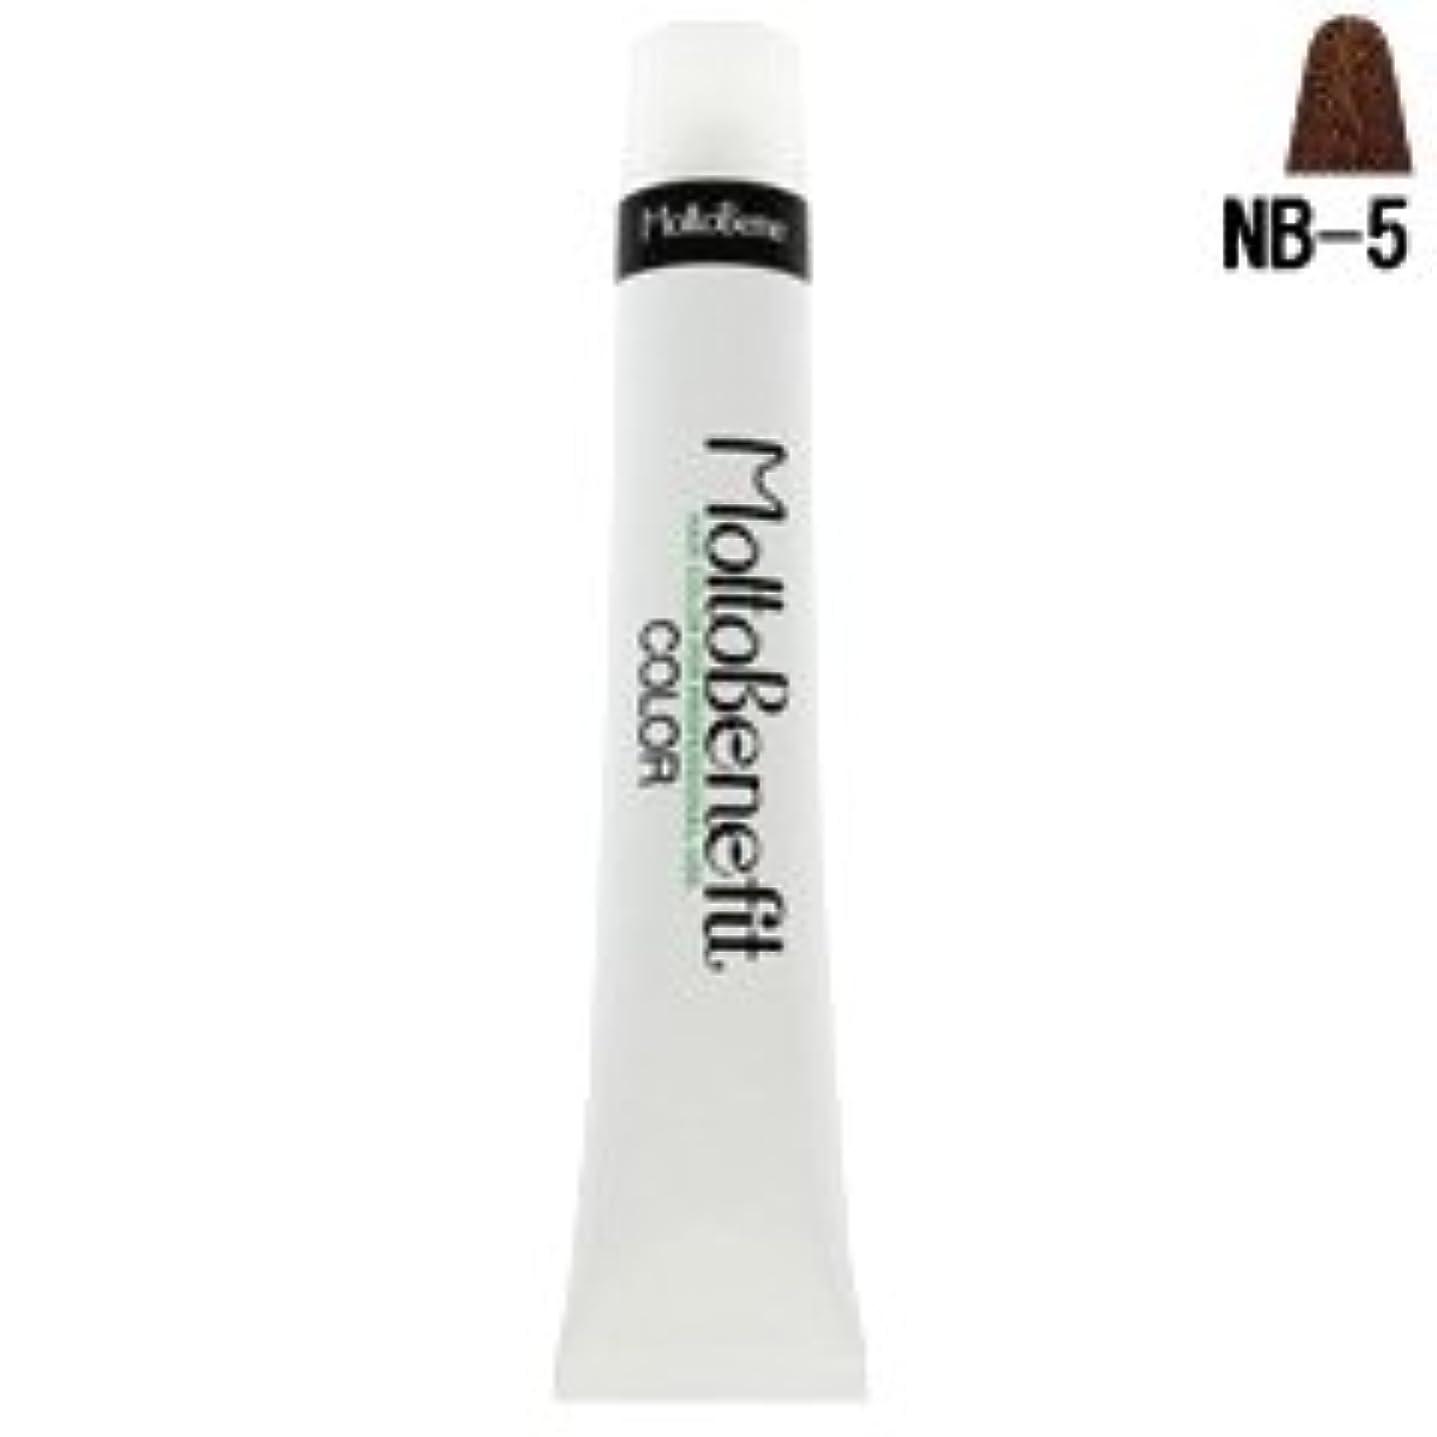 高層ビル意義炭水化物【モルトベーネ】フィットカラー グレイナチュラルカラー NB-5 ナチュラルブラウン 60g